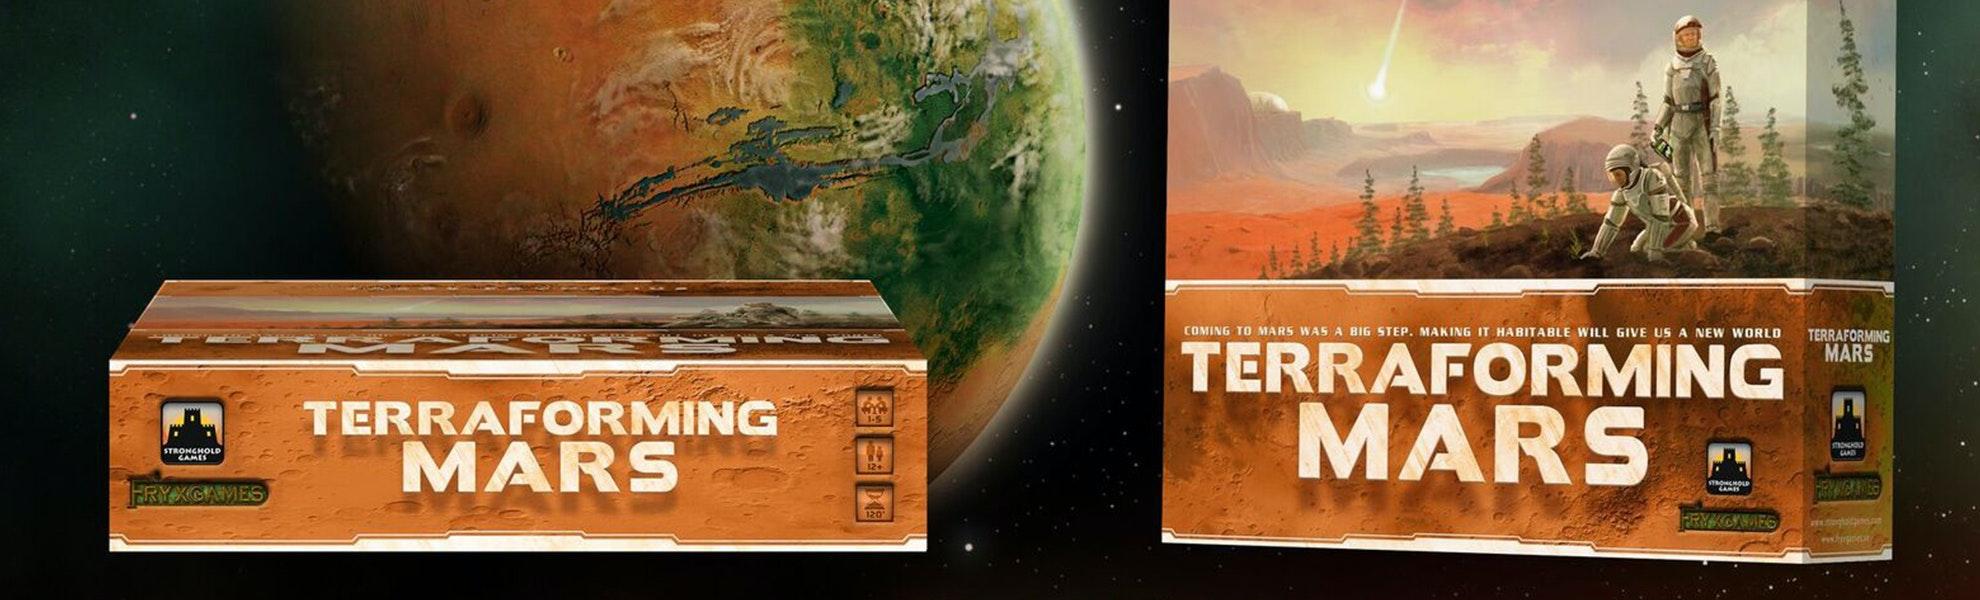 Terraforming Mars Preorder